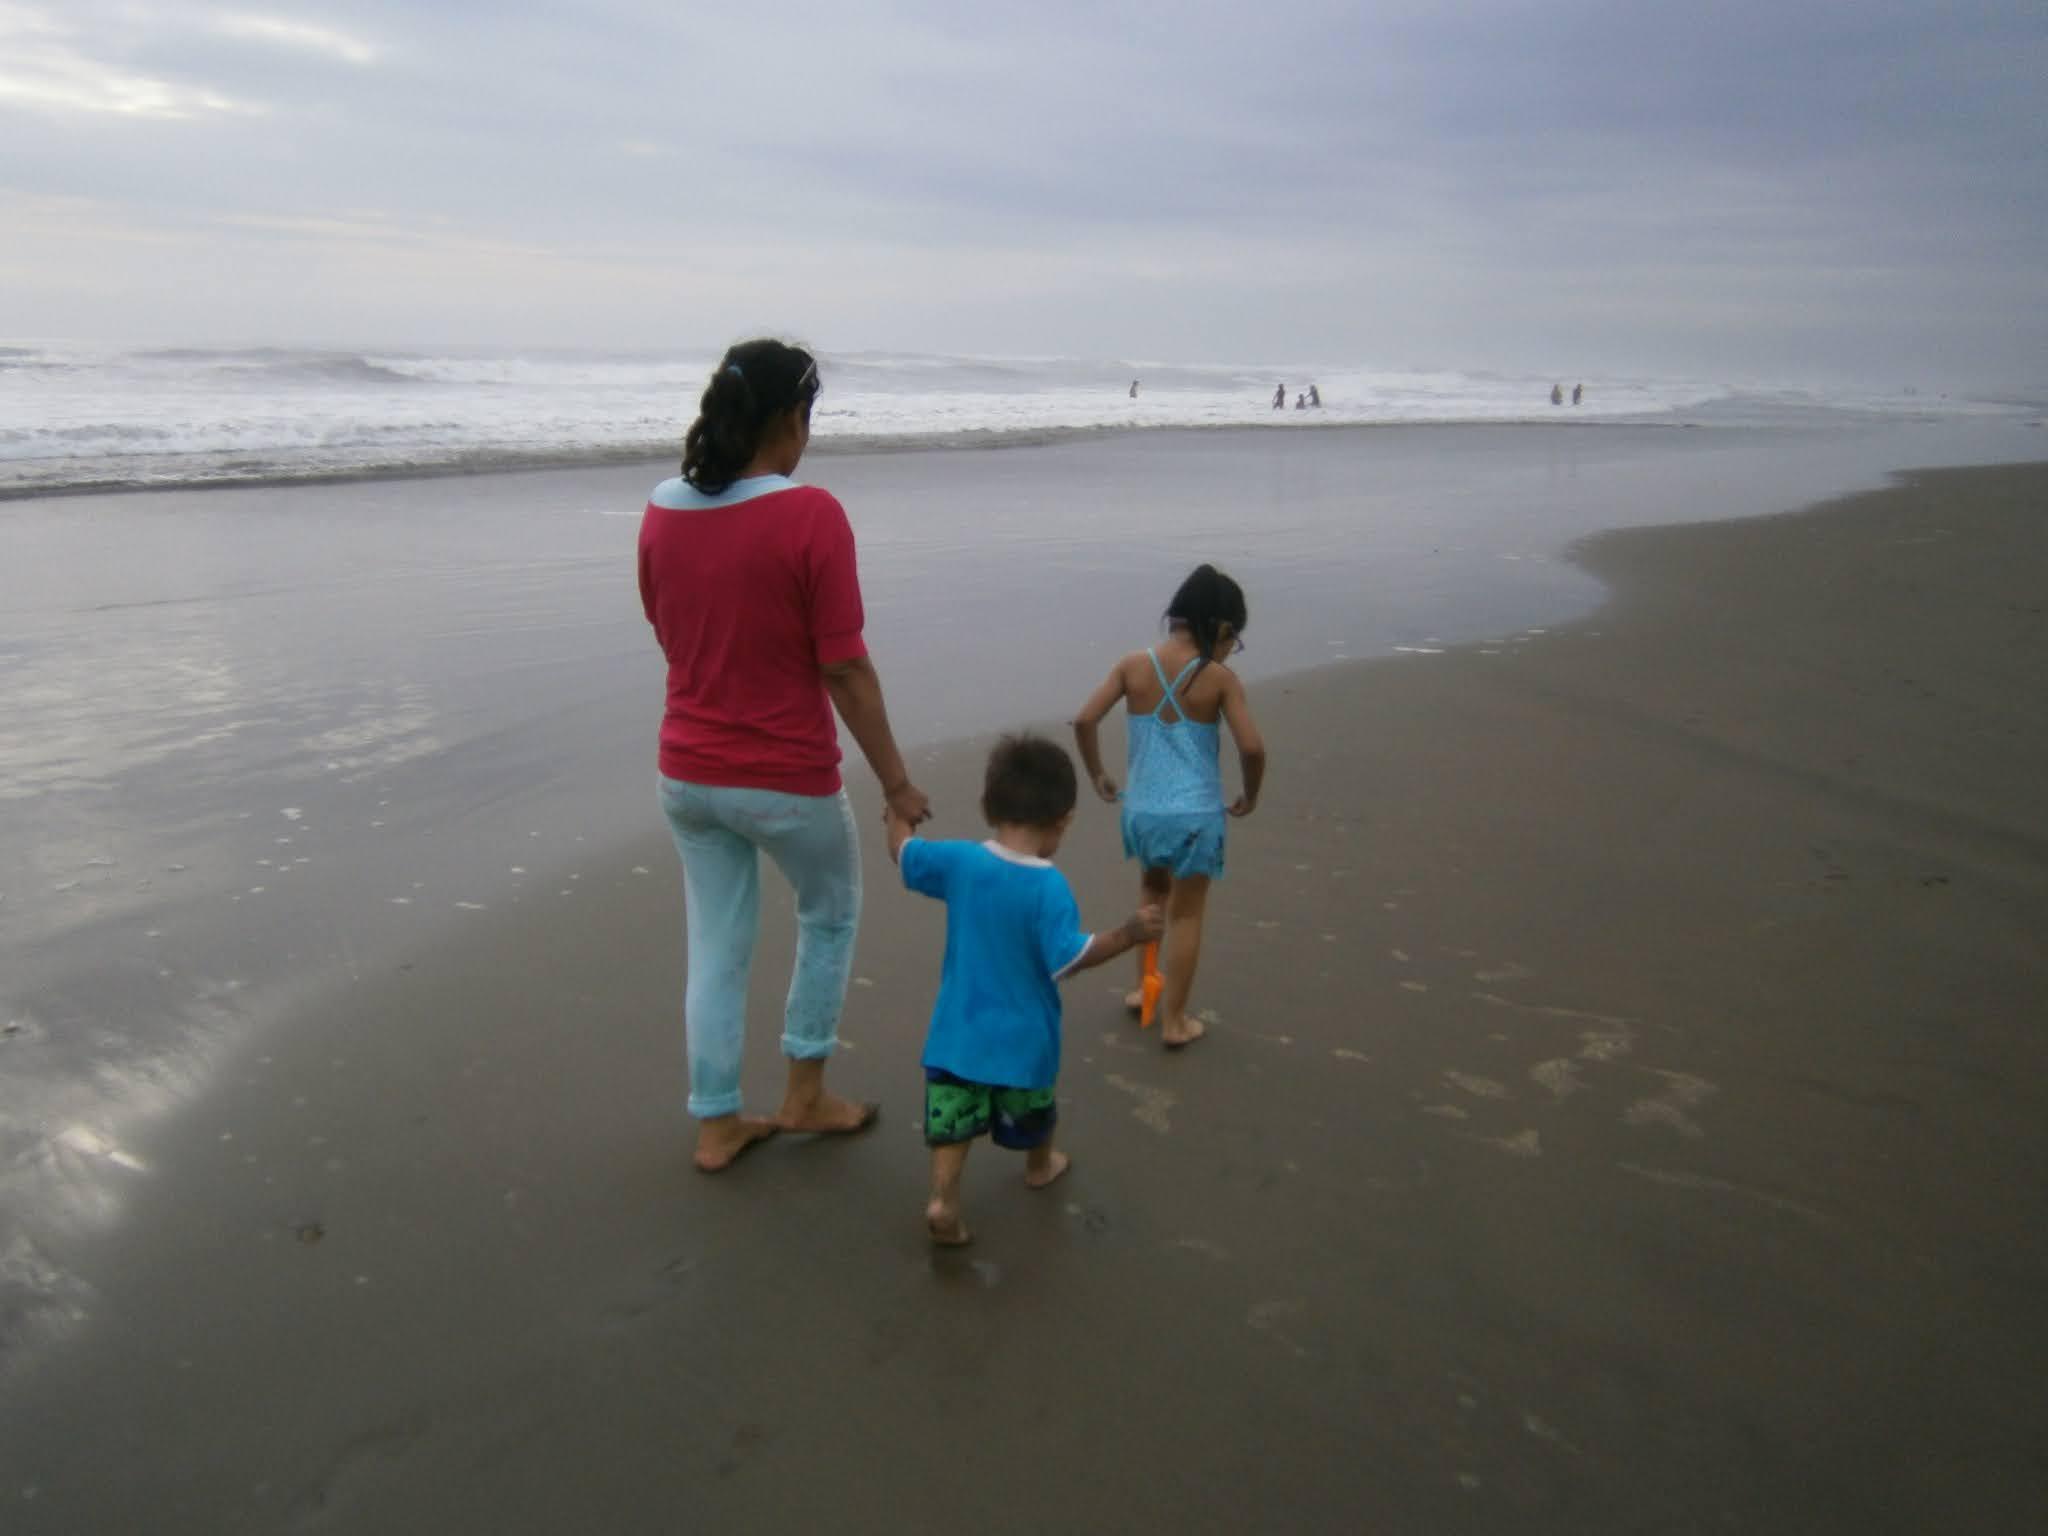 Mujer caminando sobre la orilla de la playa y acompañado de niños